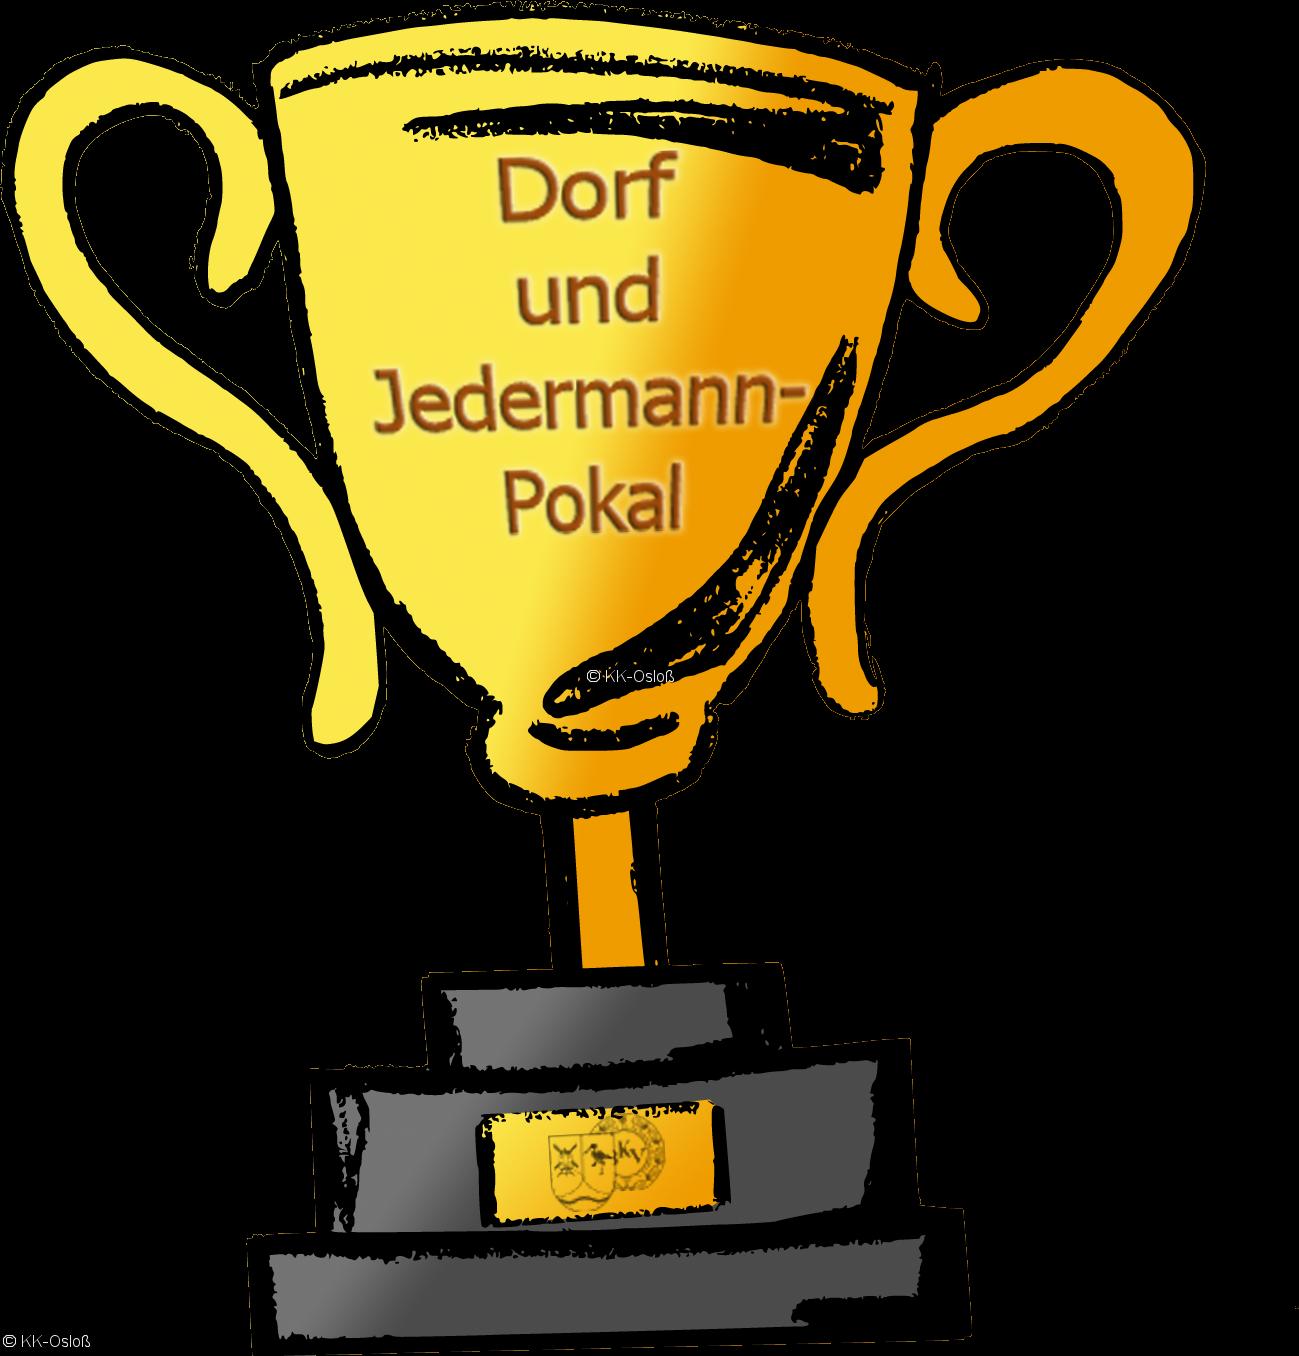 Pokal_Dorf-und-Jedermann-Pokal